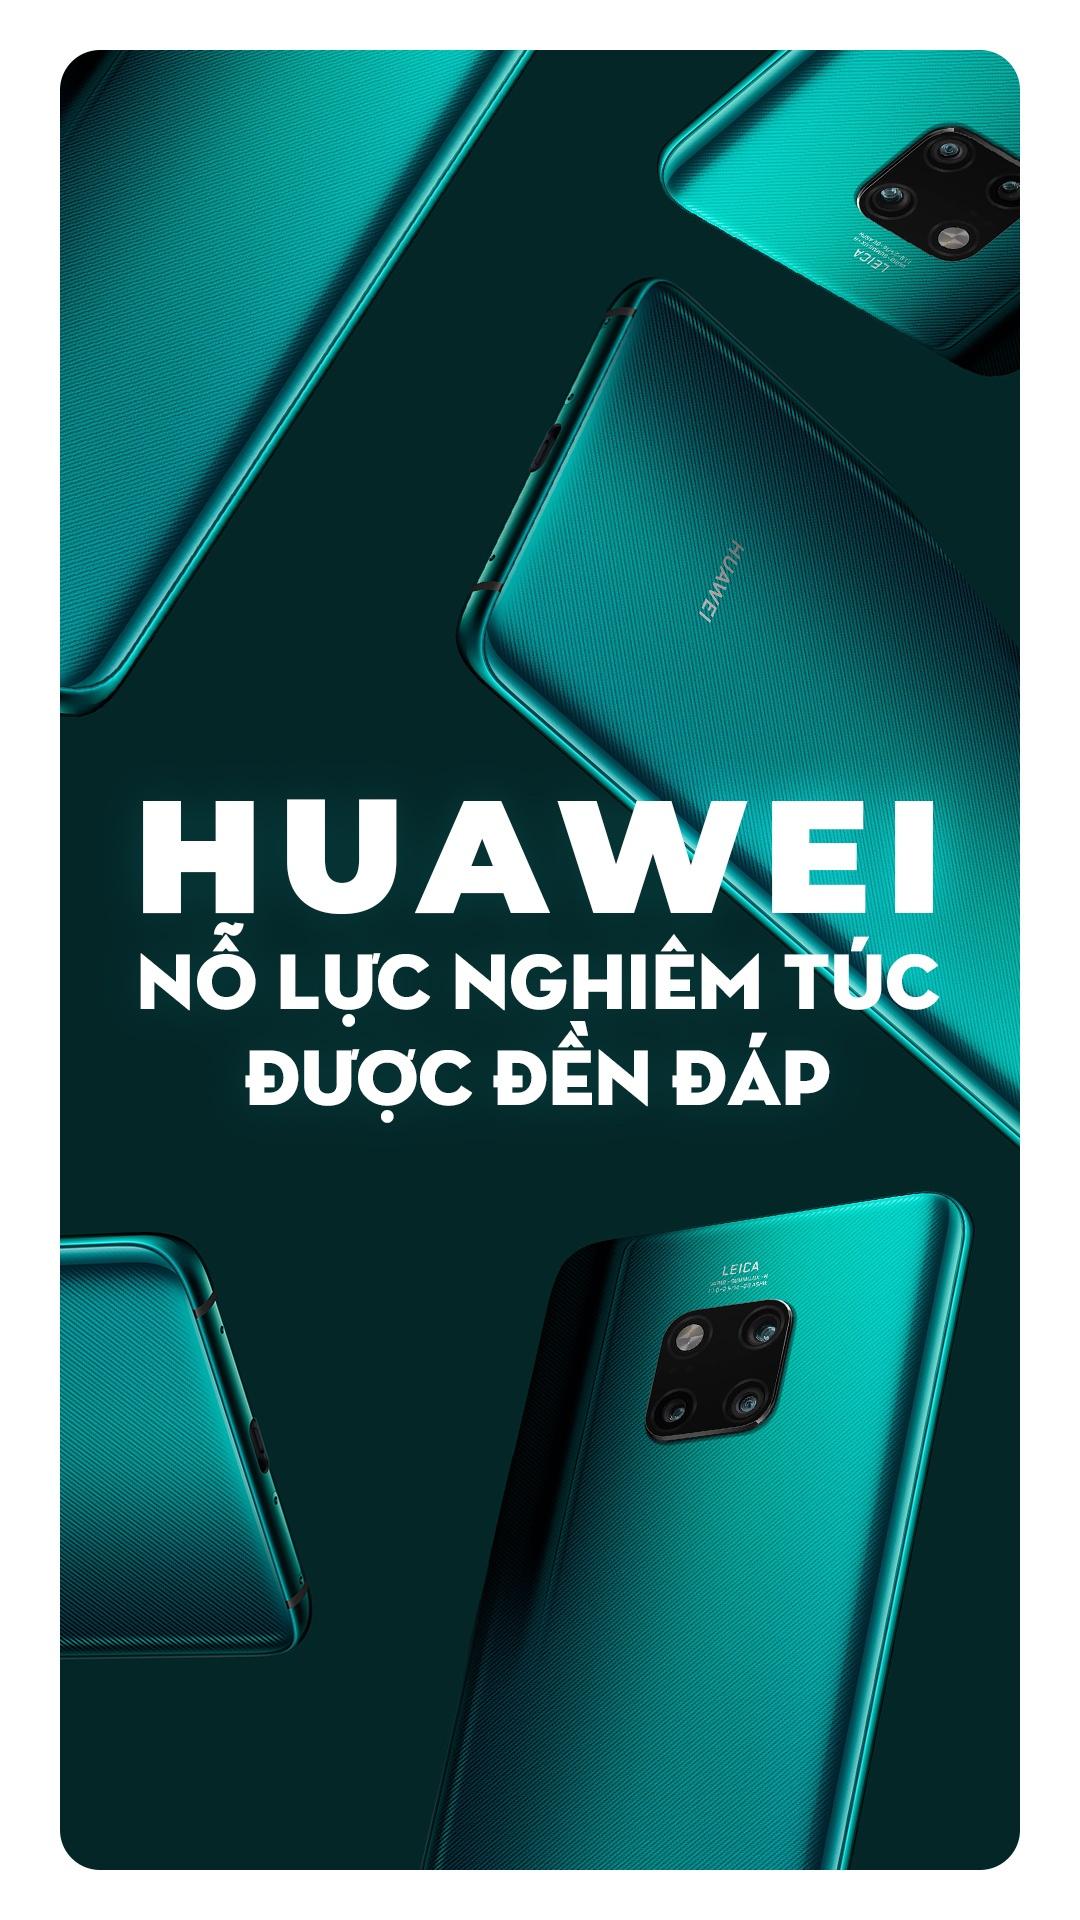 Huawei - no luc nghiem tuc duoc den dap hinh anh 1